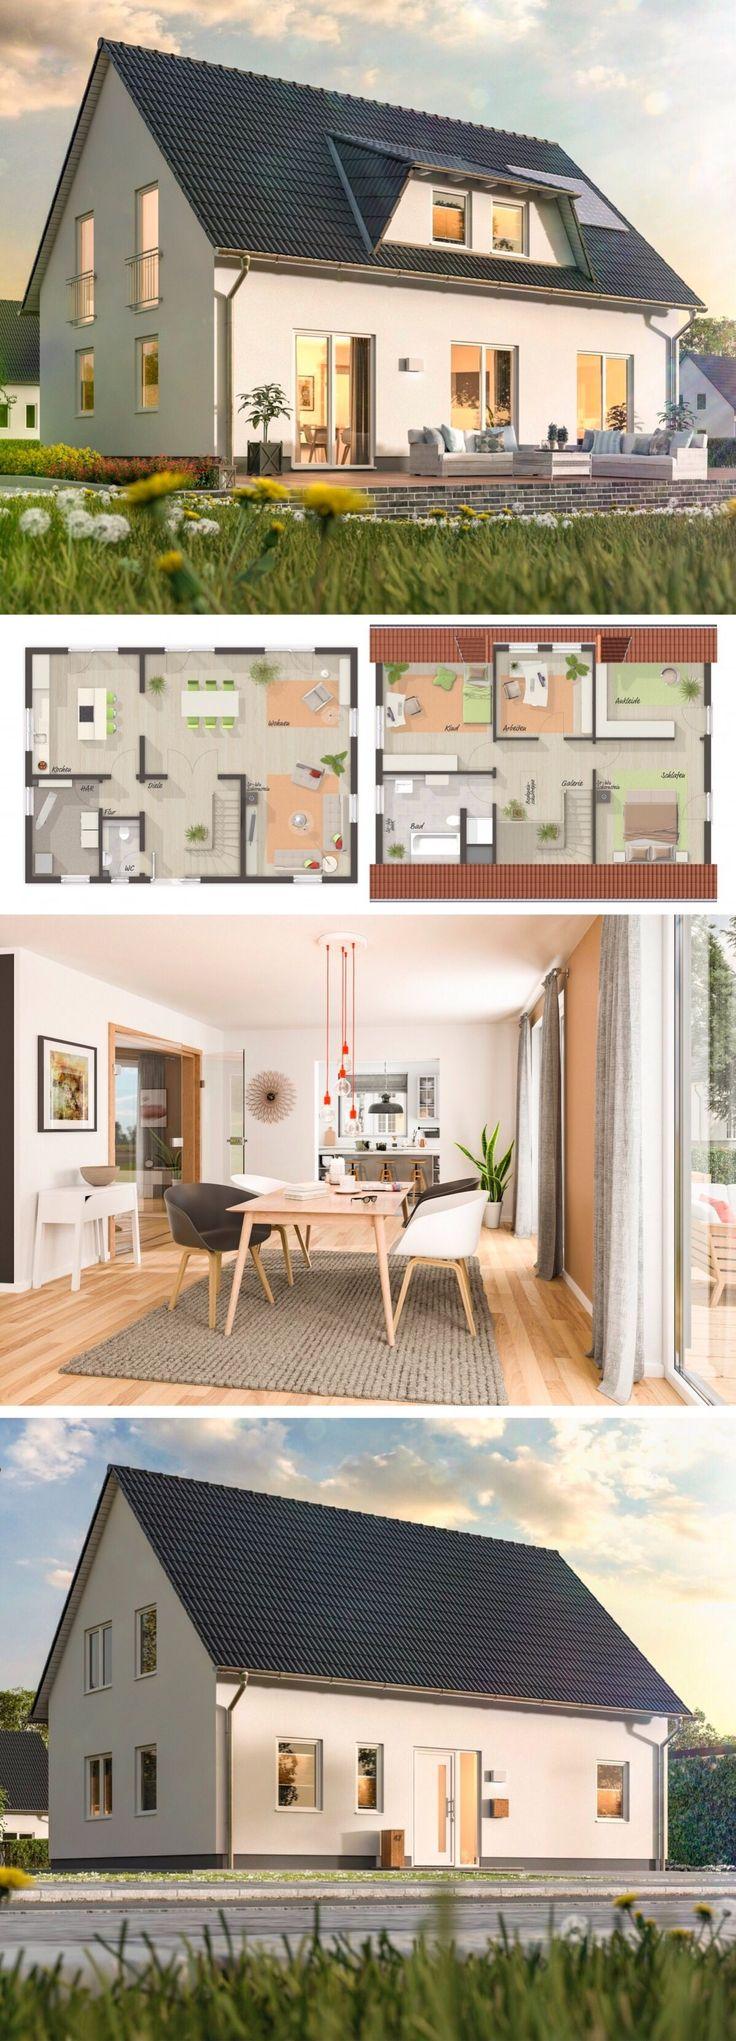 Einfamilienhaus Architektur klassisch mit Satteldach